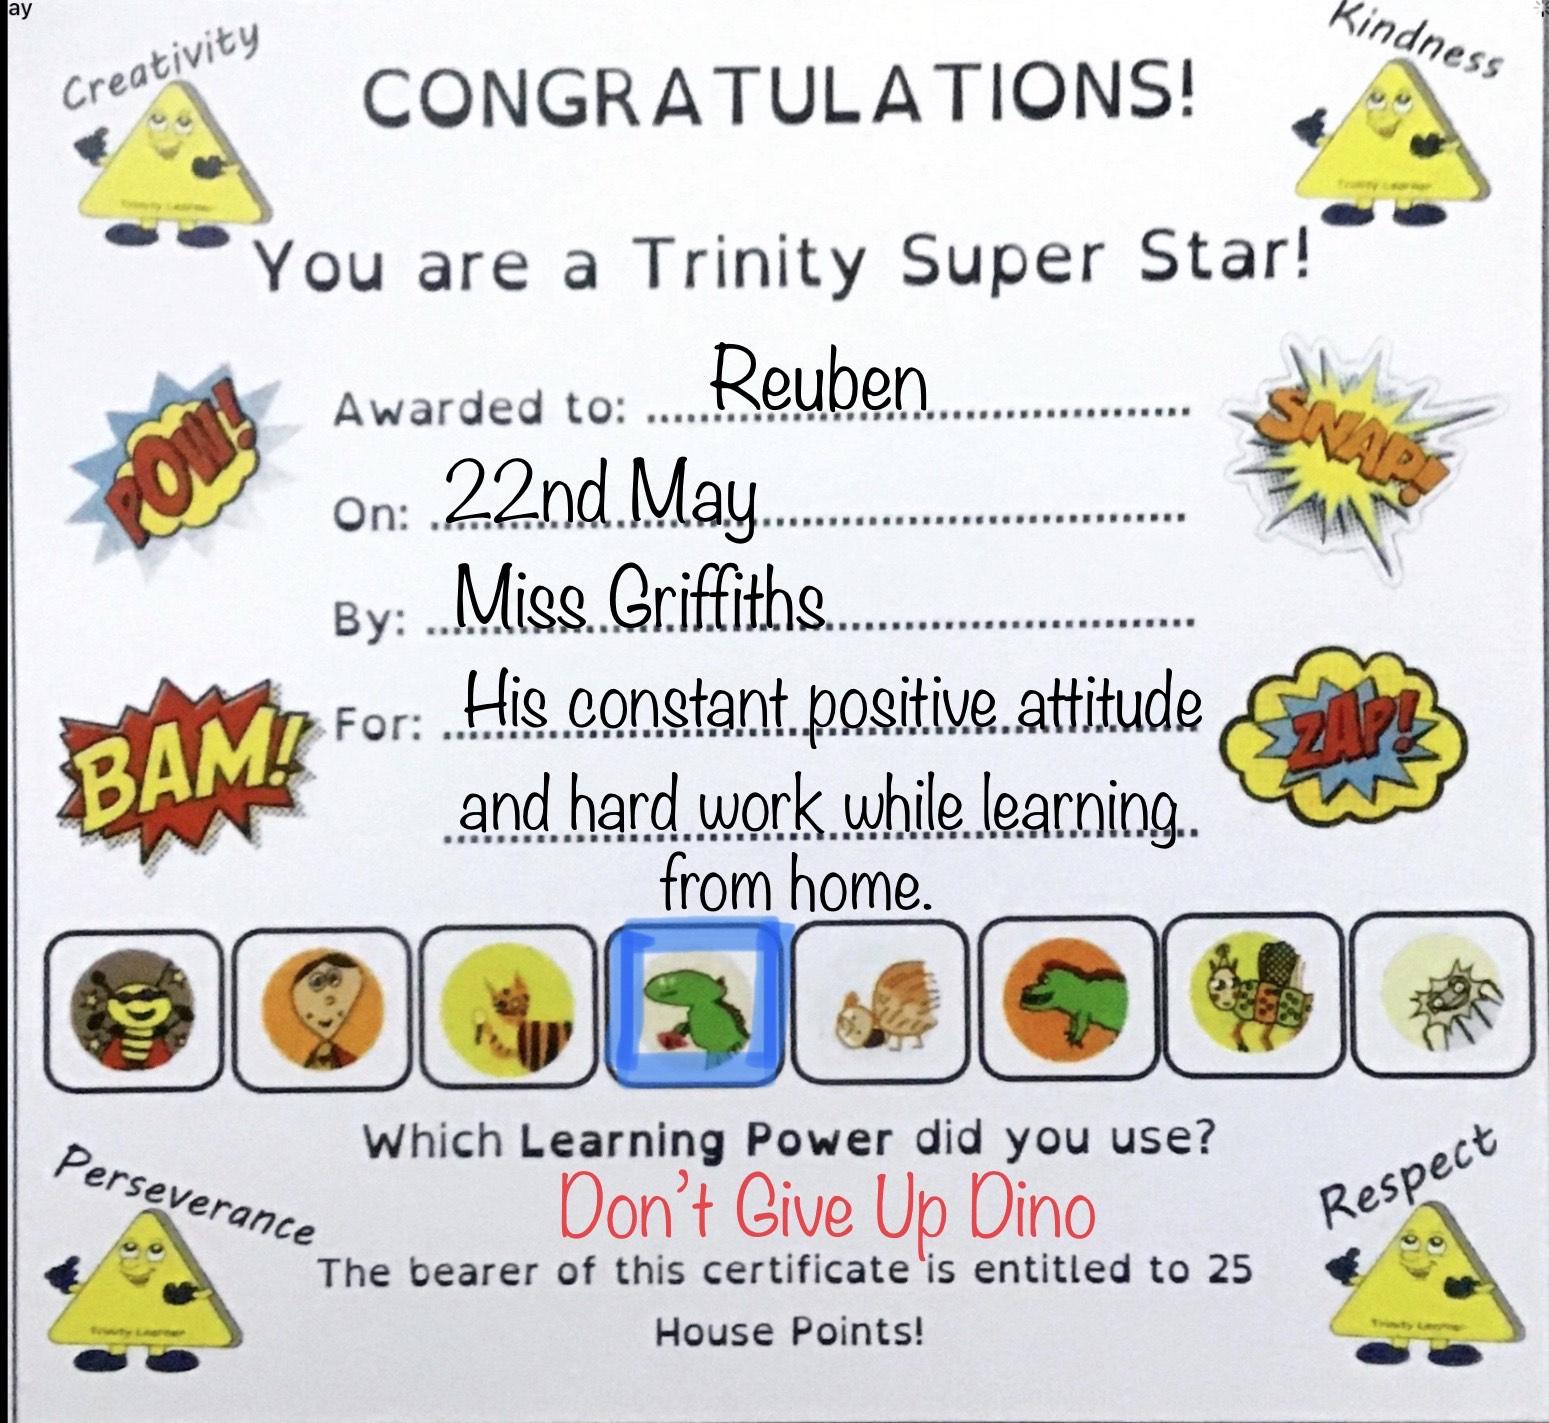 P5G - Reuben's certificate